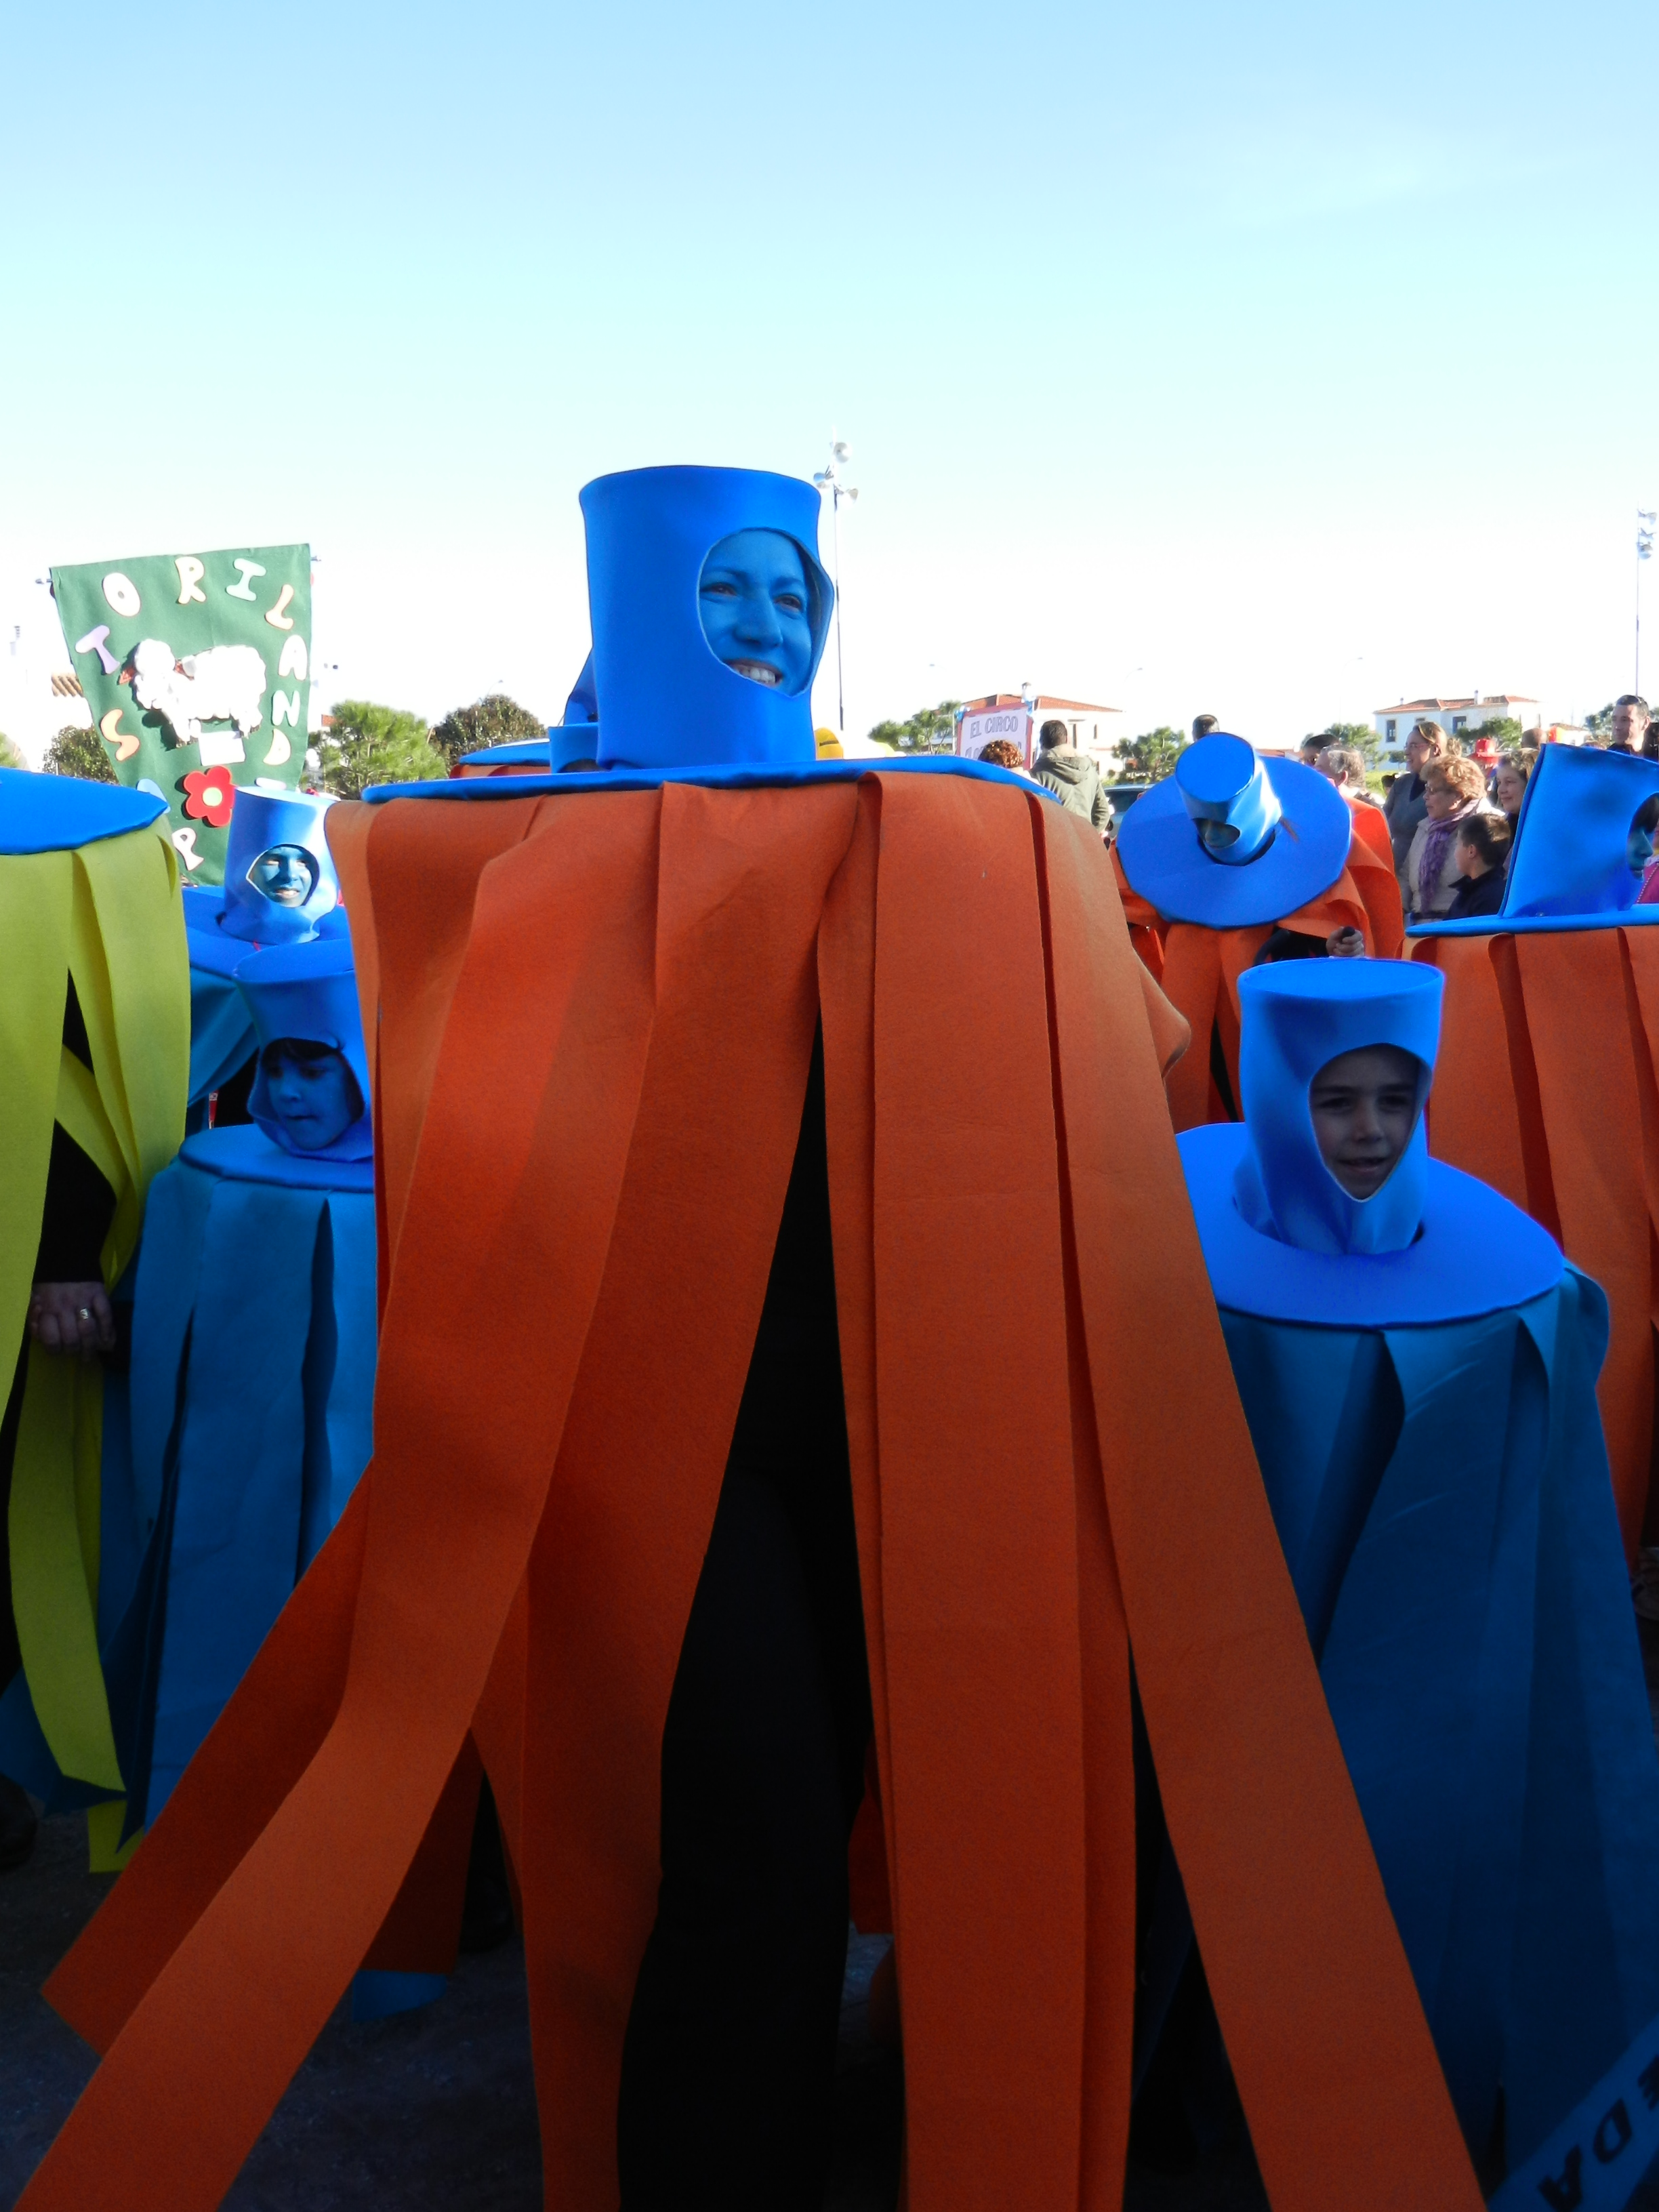 Las fregonas salen a la calle en carnavales